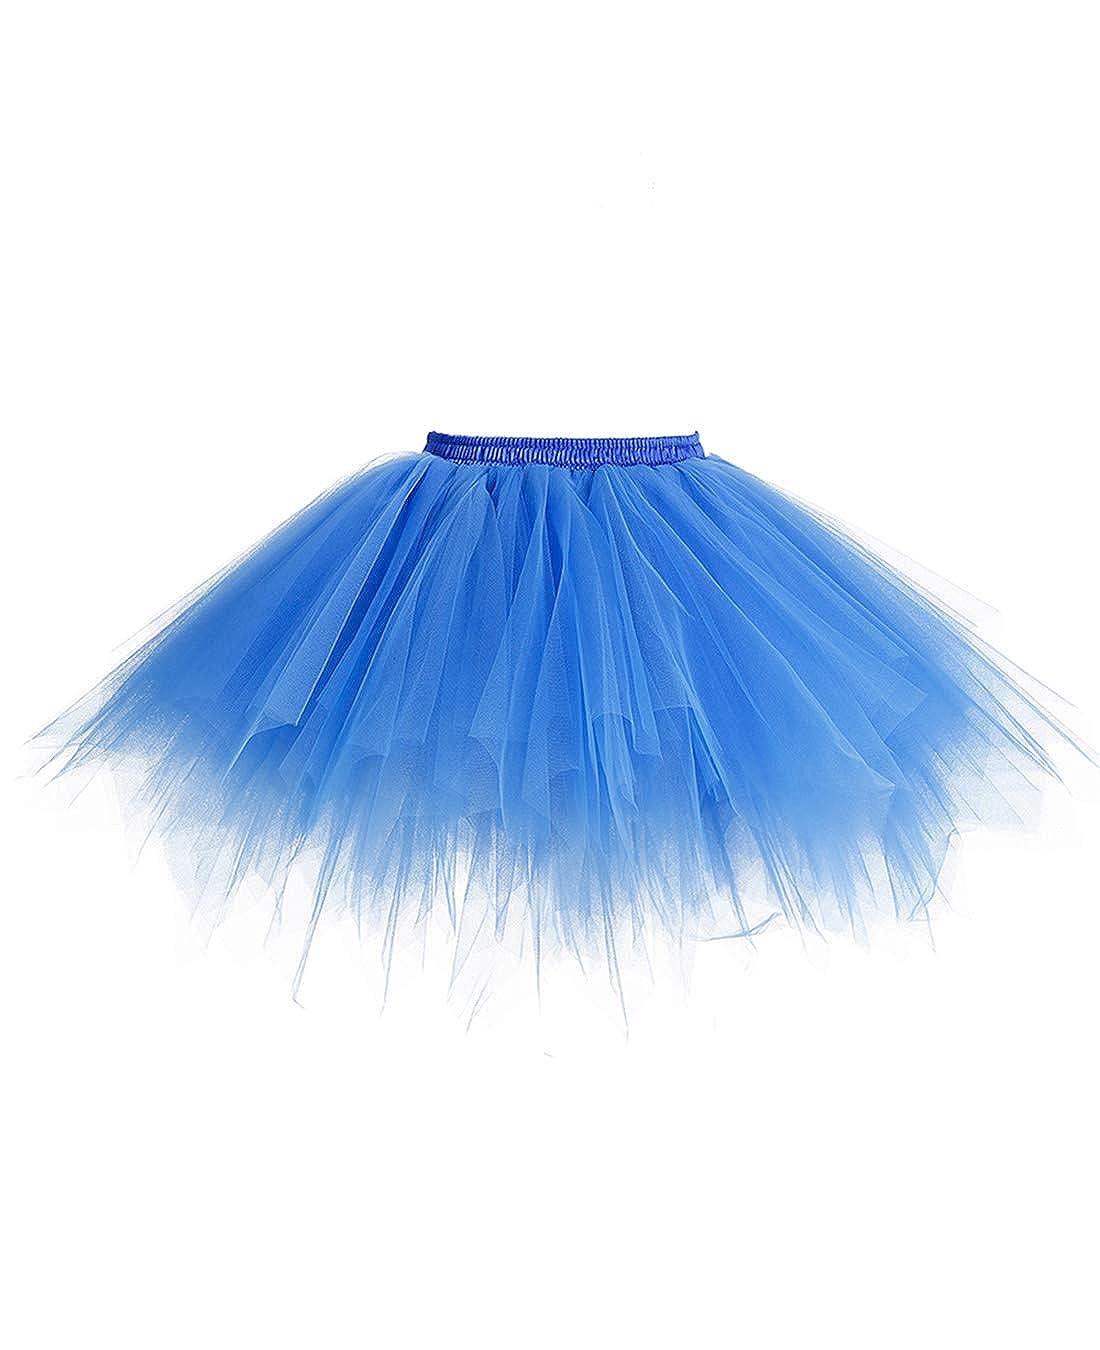 MuaDress R/étro Ballet Tutu en Tulle Jupe Courte sous Robe Style ann/ées 50 Swing